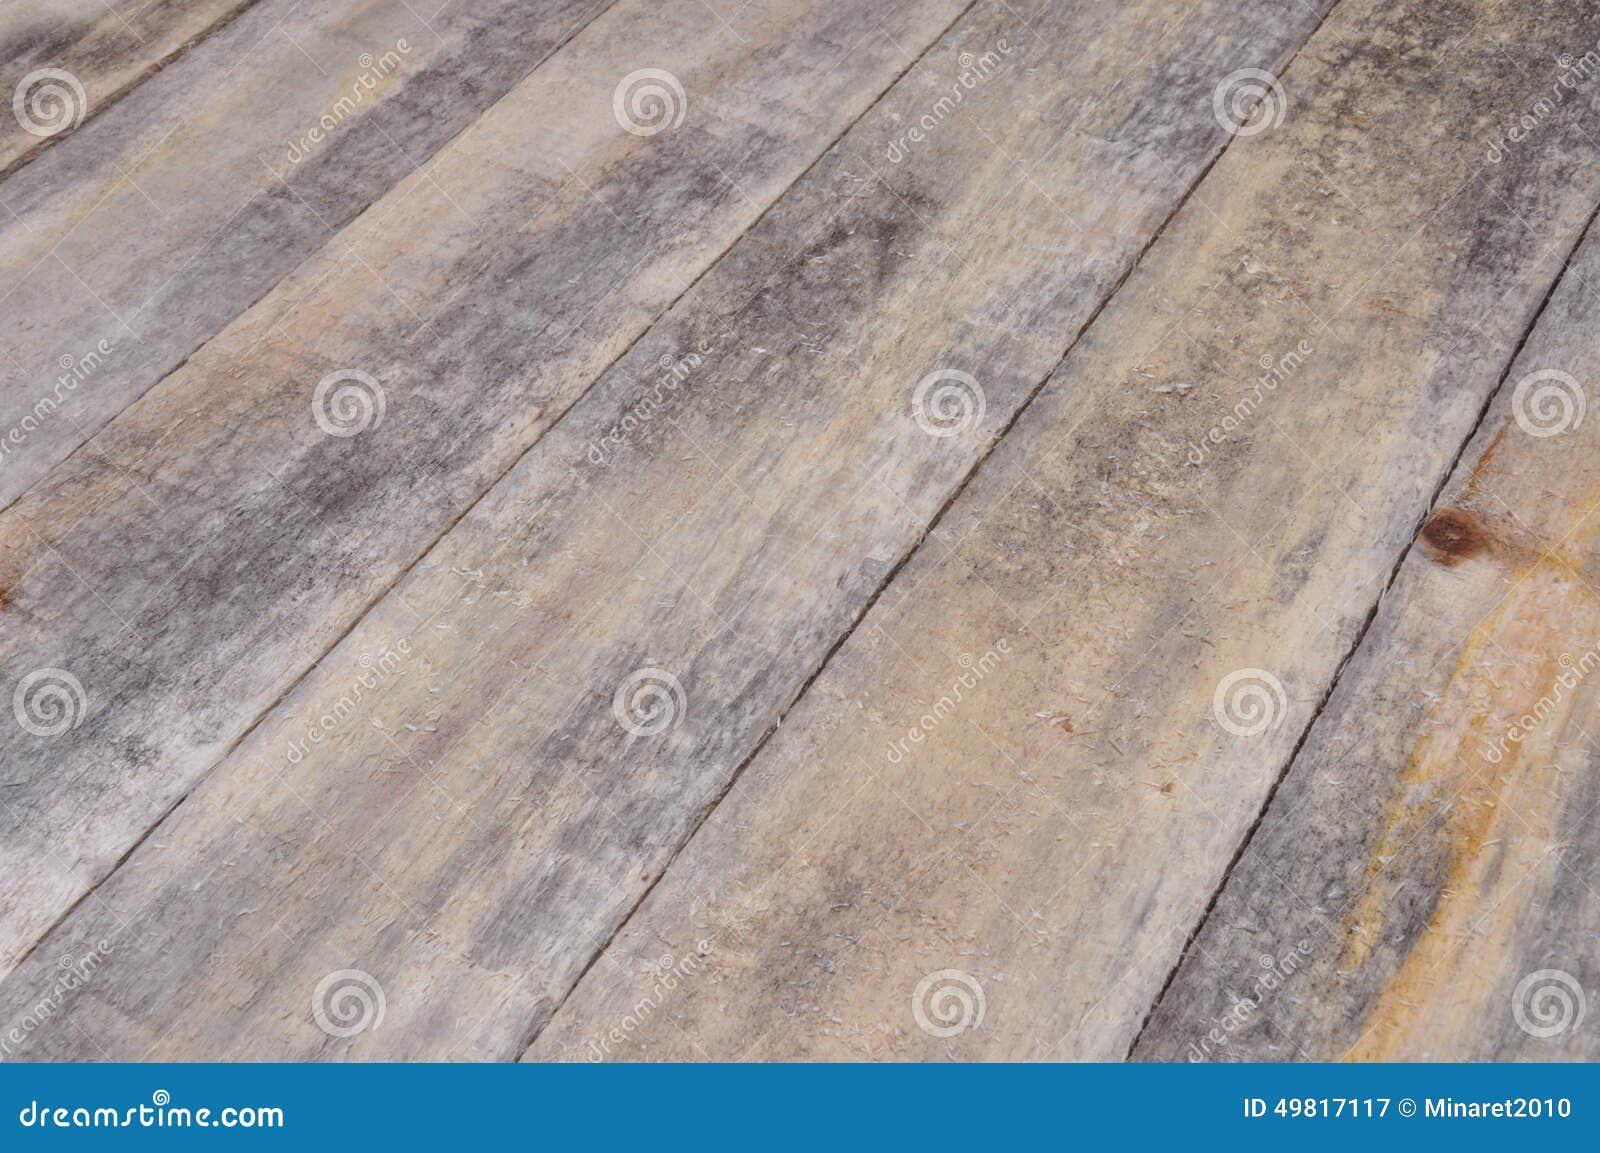 Assi Di Legno Grezze : Assi di legno antiche u pannelli termoisolanti